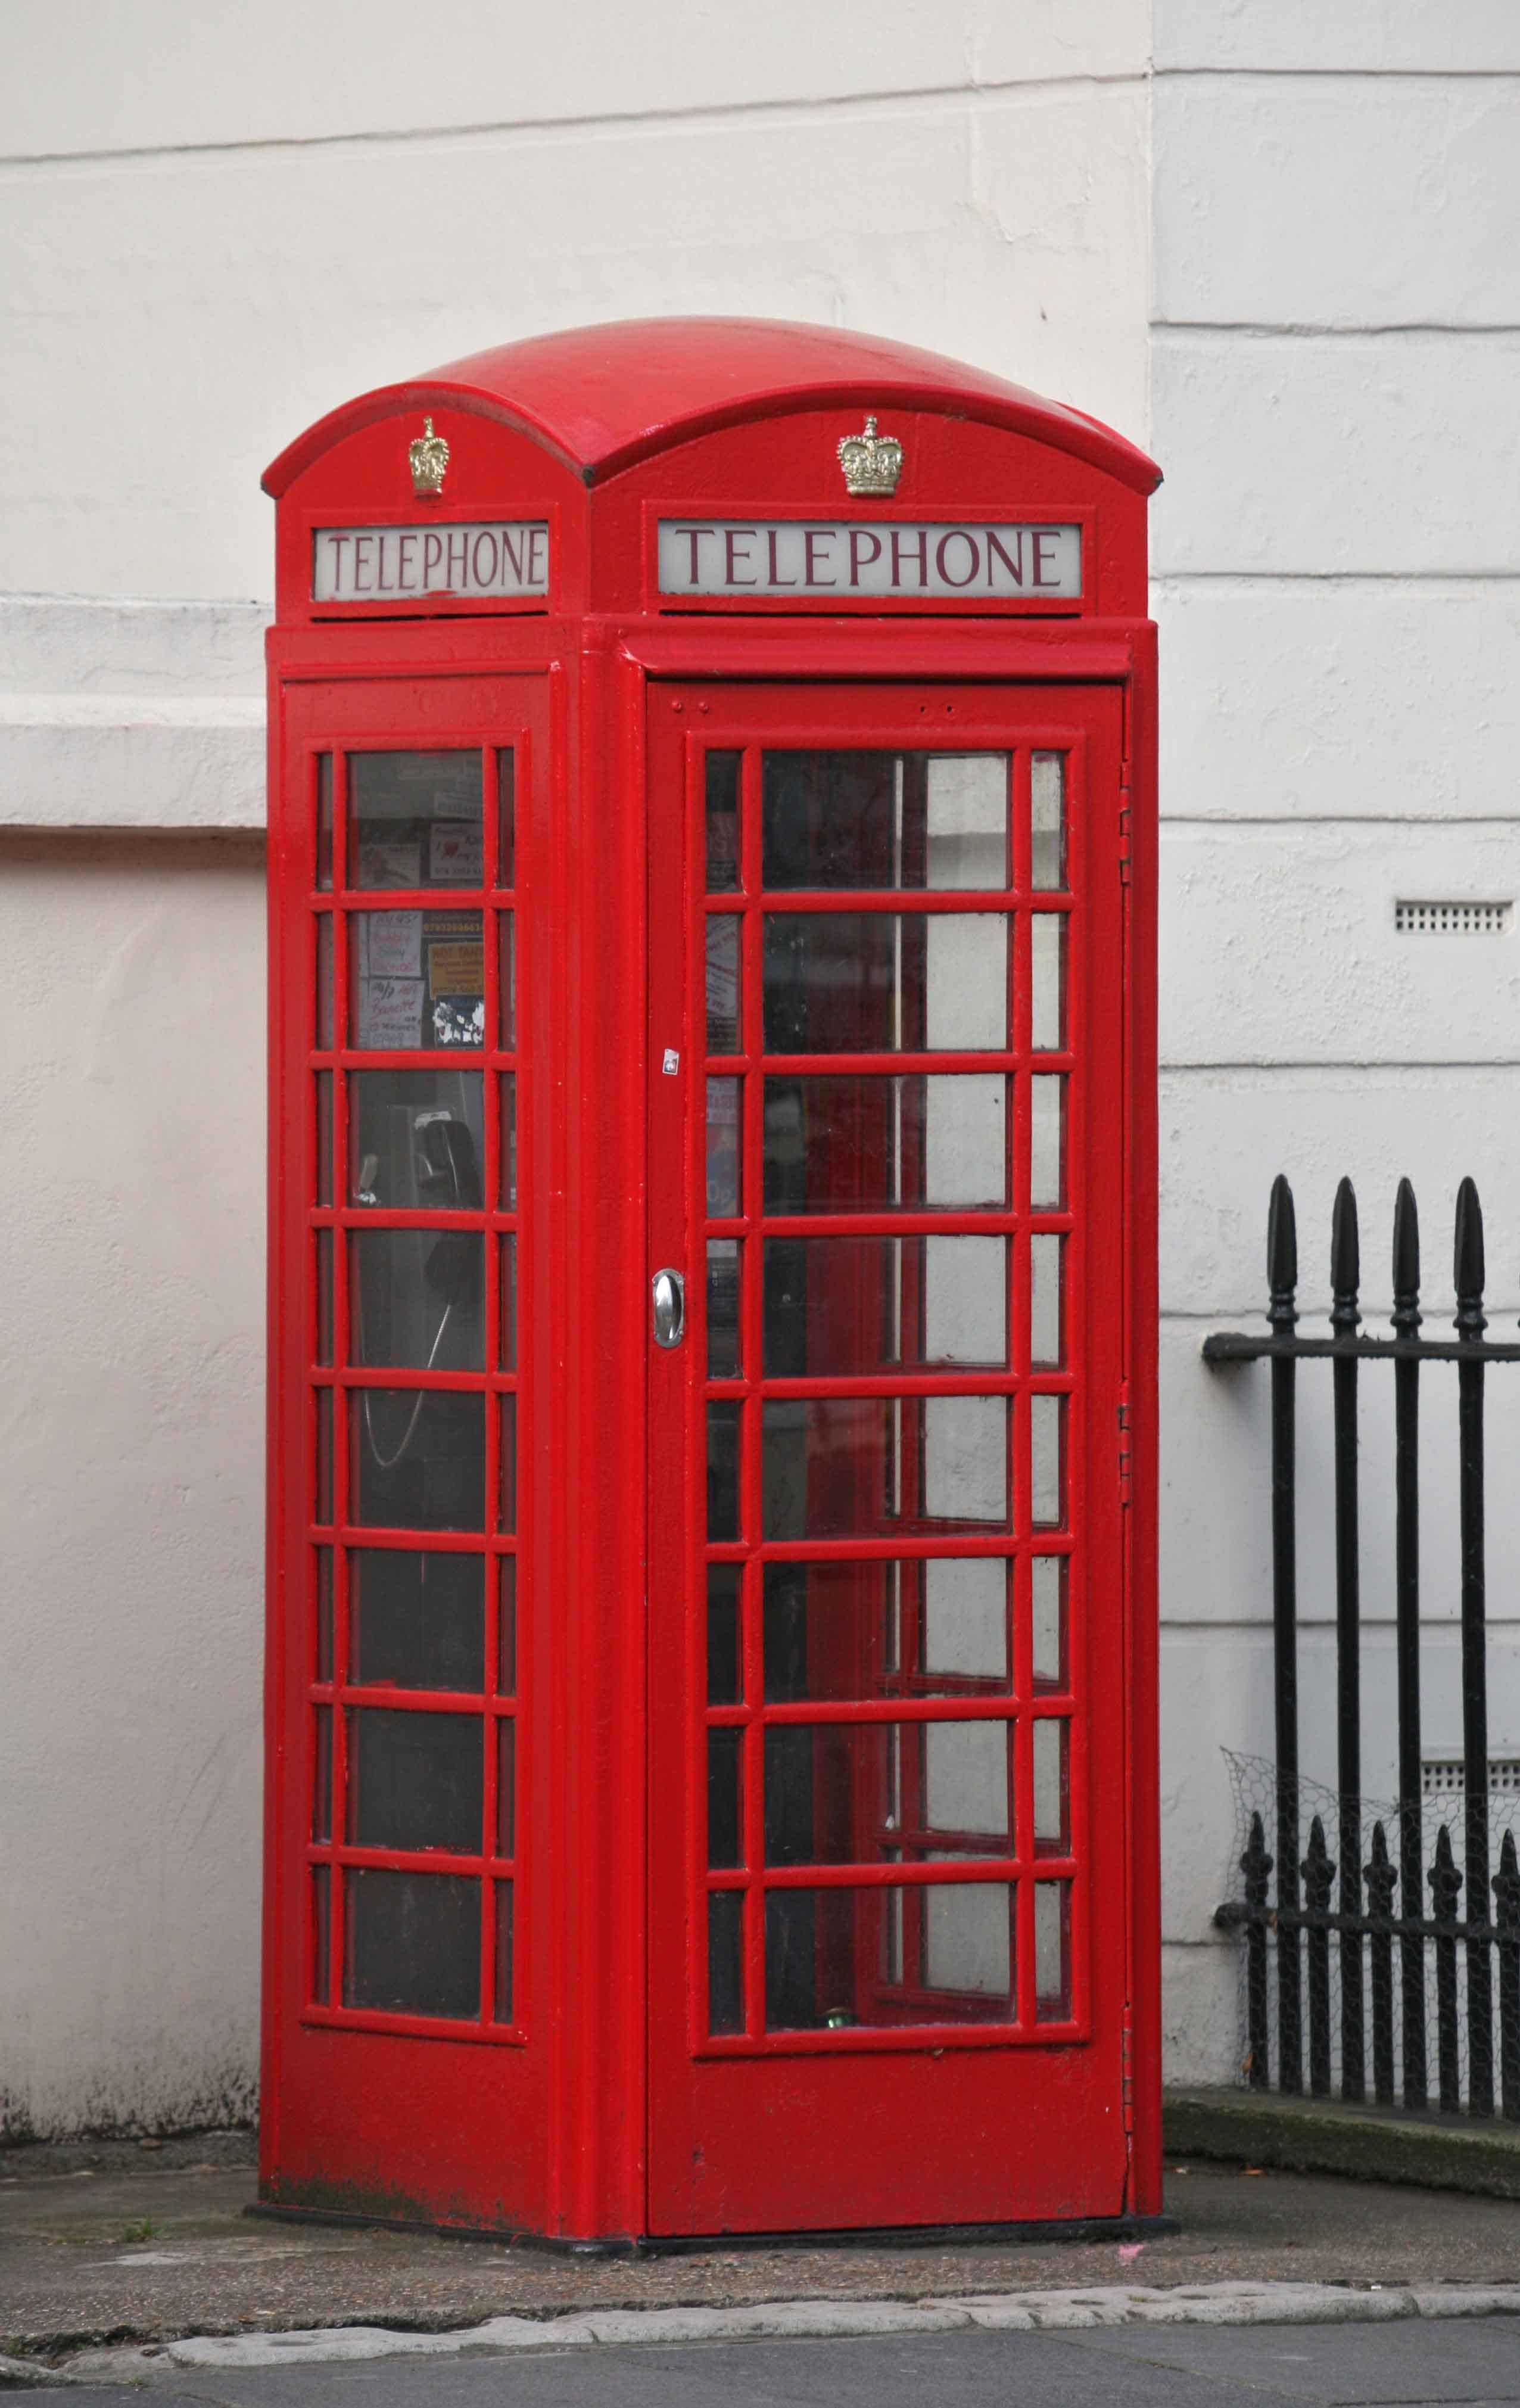 Séjour linguistique Londres : pourquoi il faut savoir parler anglais